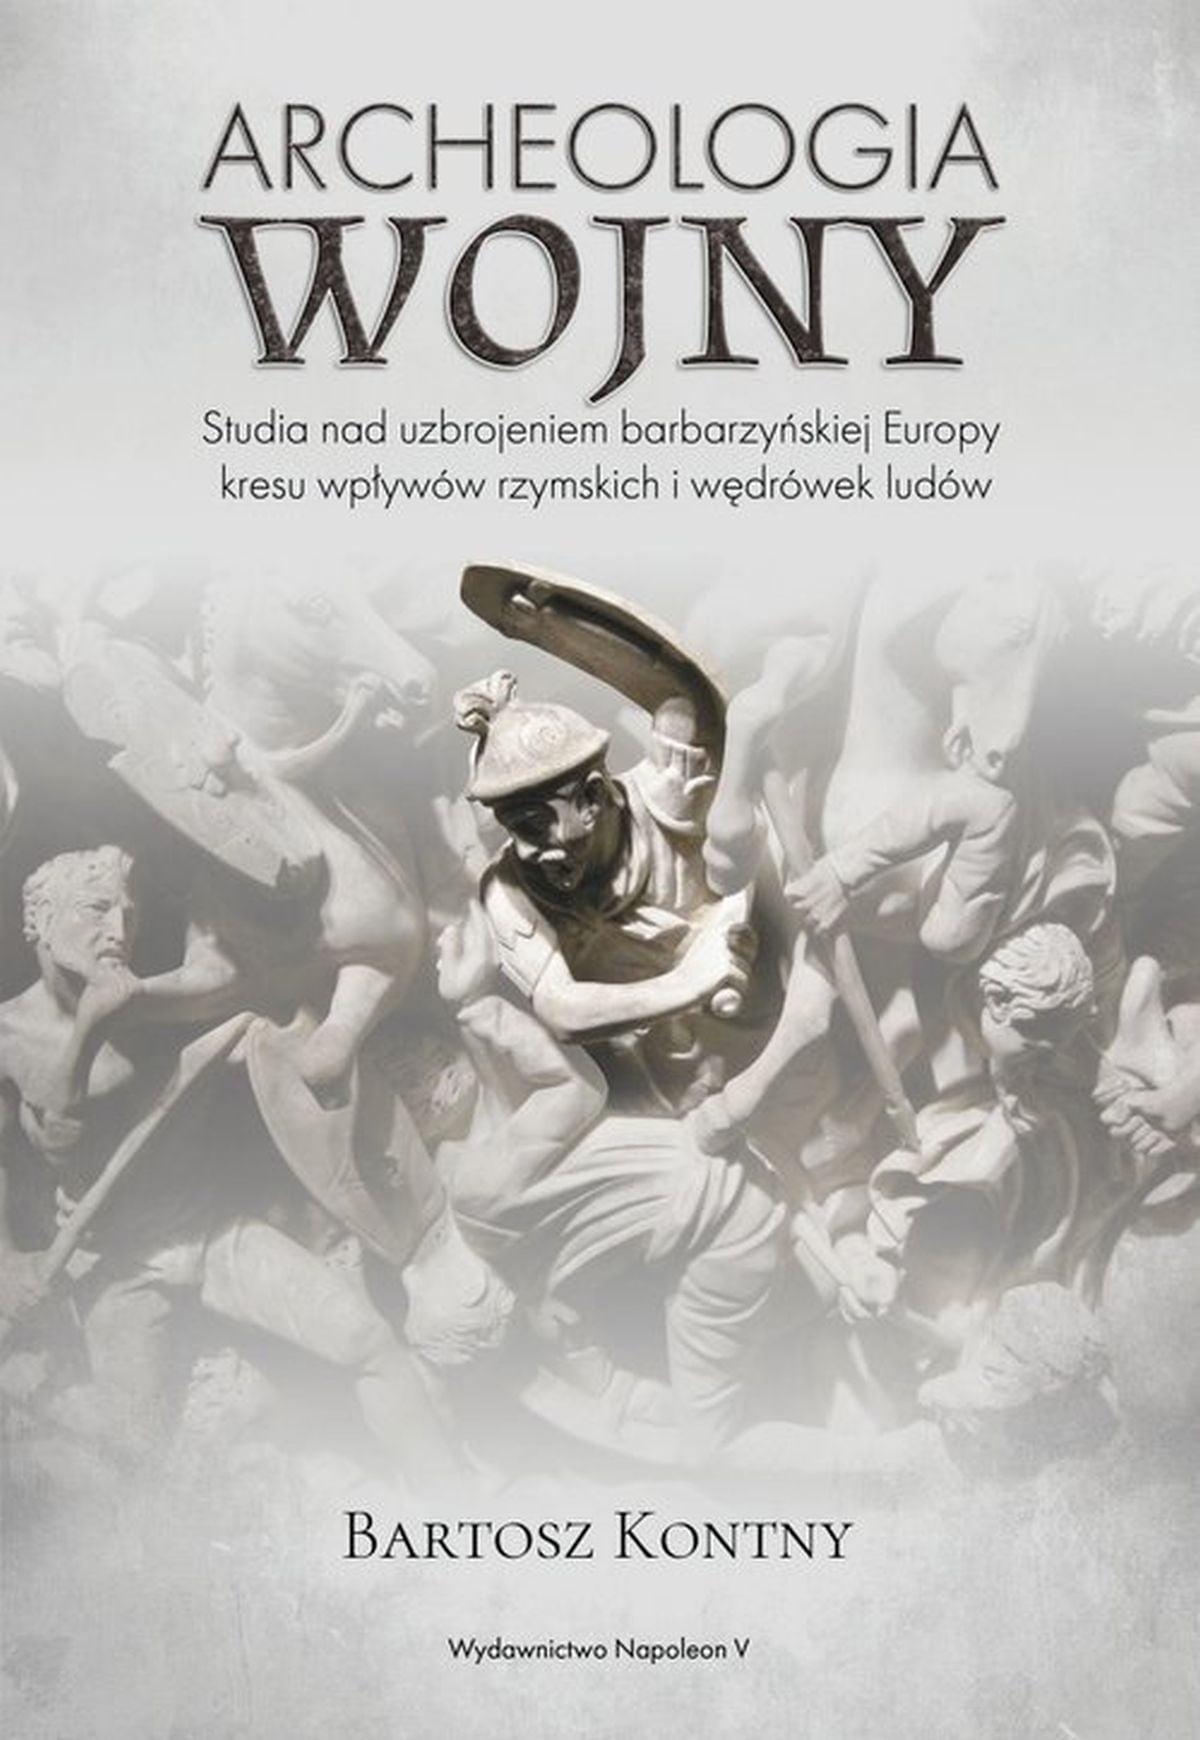 Bartosz Kontny, Archeologia wojny. Studia nad uzbrojeniem barbarzyńskiej Europy okresu wpływów rzymskich i wędrówek ludów